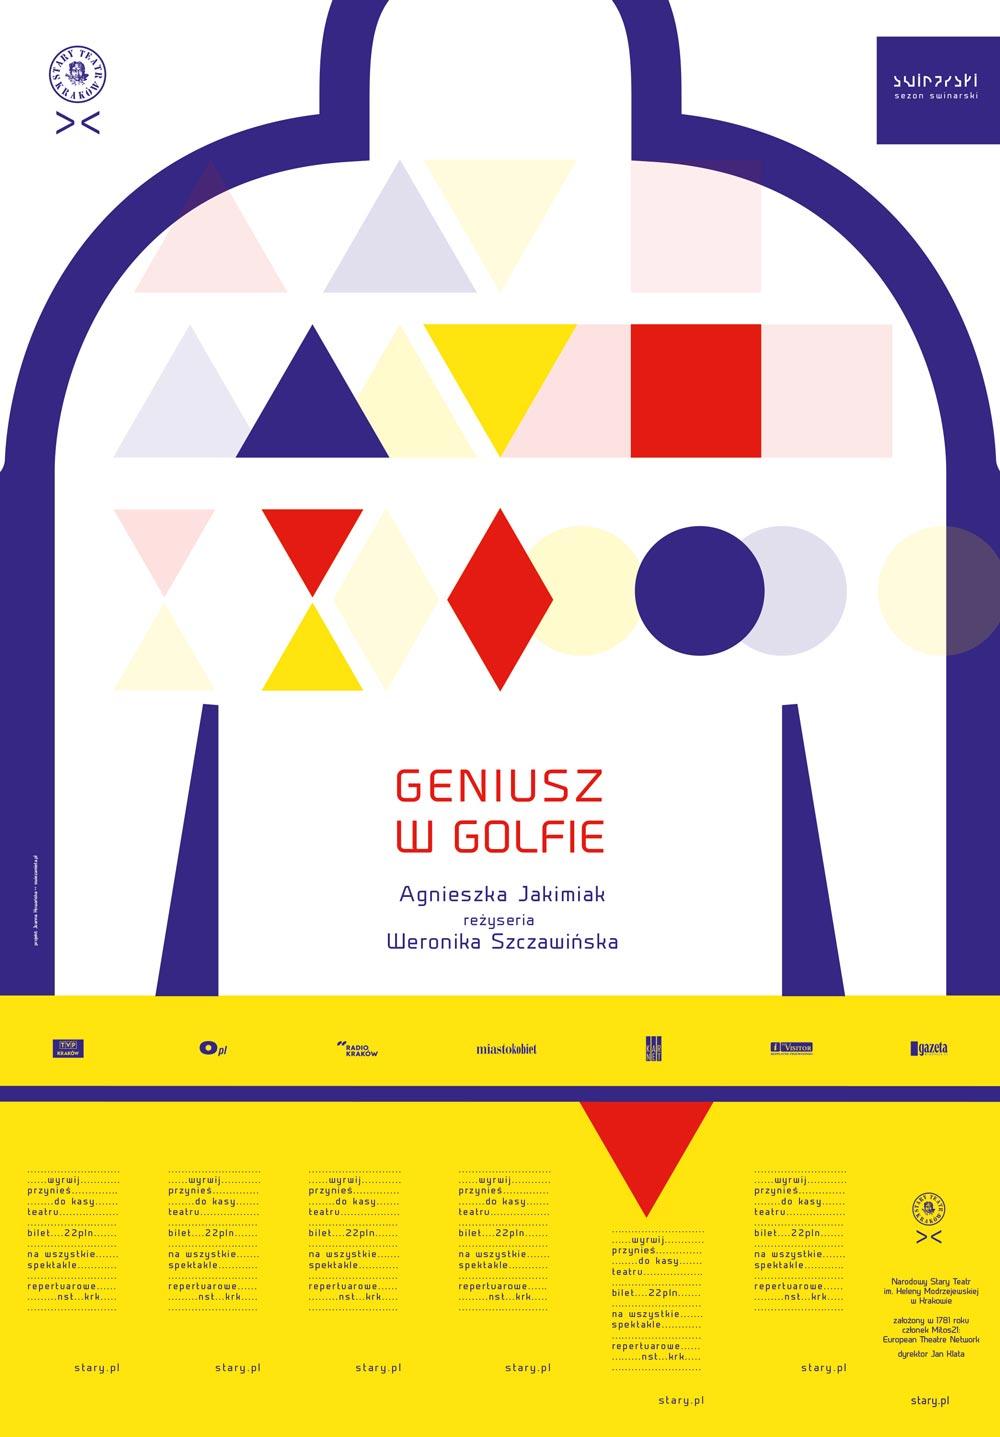 Geniusz w golfie